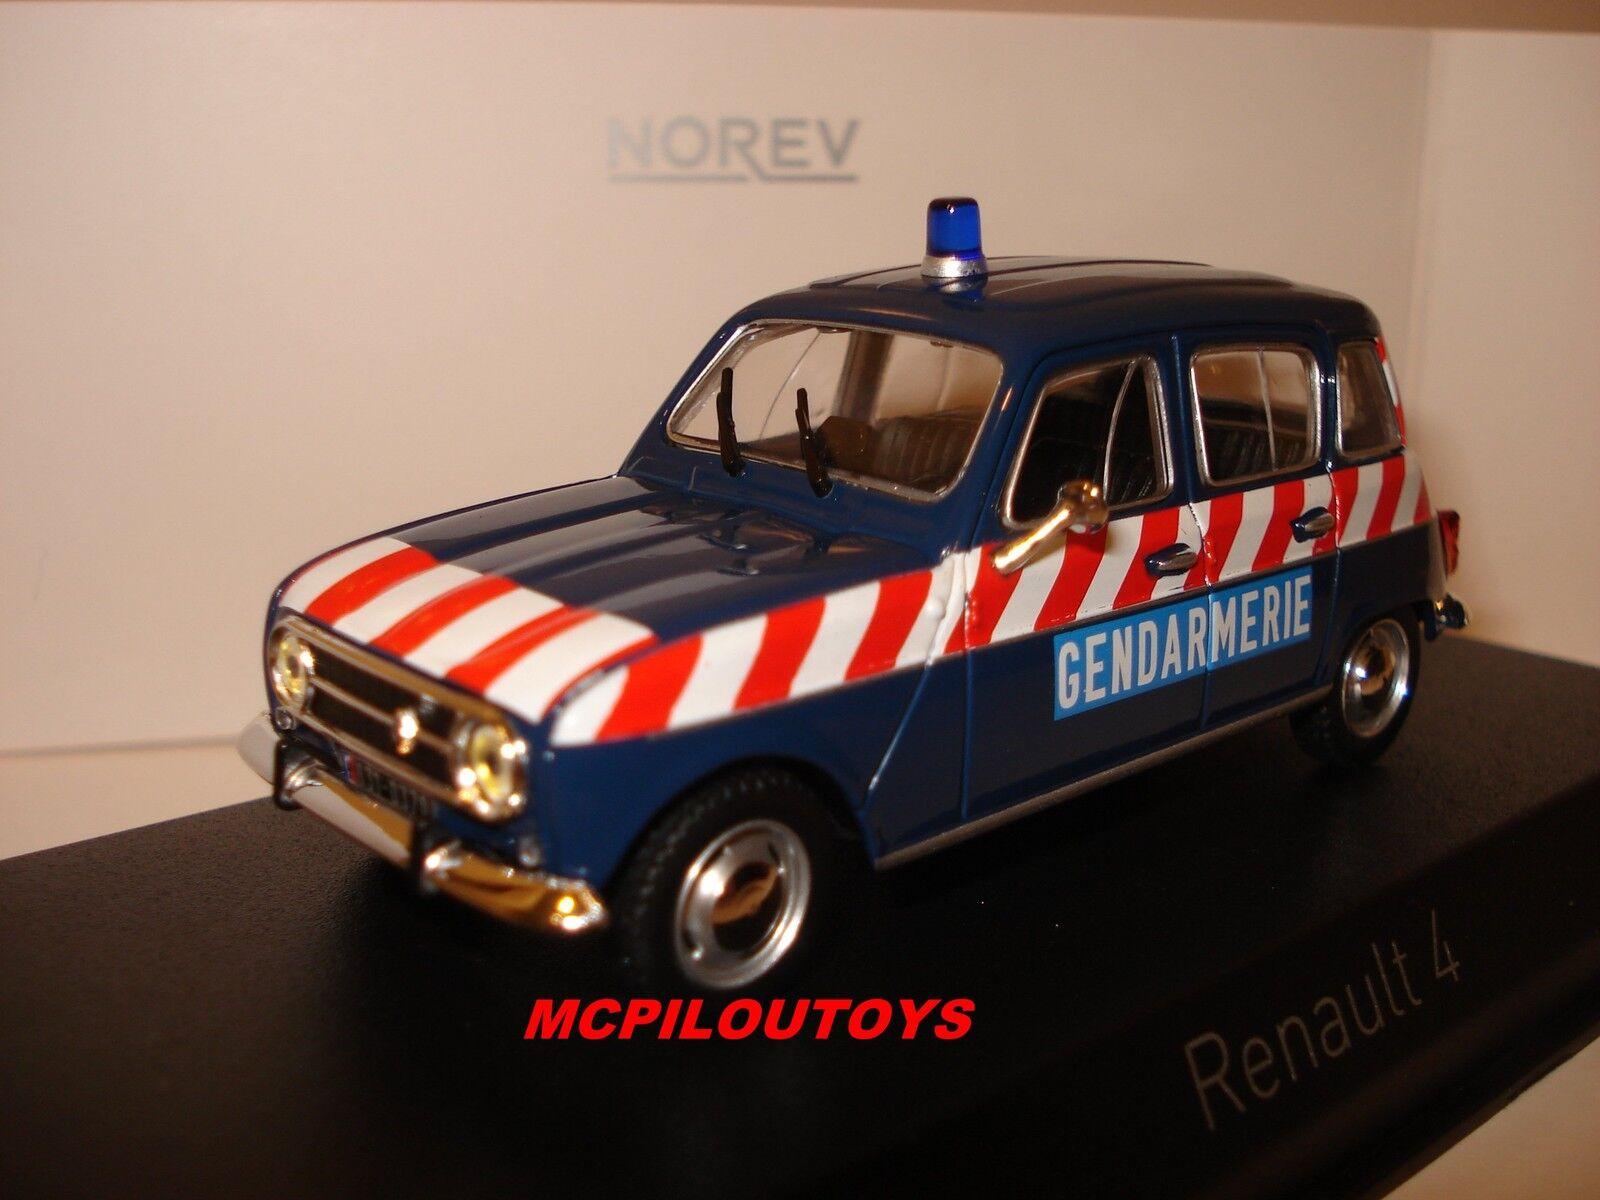 NOREV RENAULT 4 POLICE PELOTON D'AUTgoldUTE 1968 au 1 43°